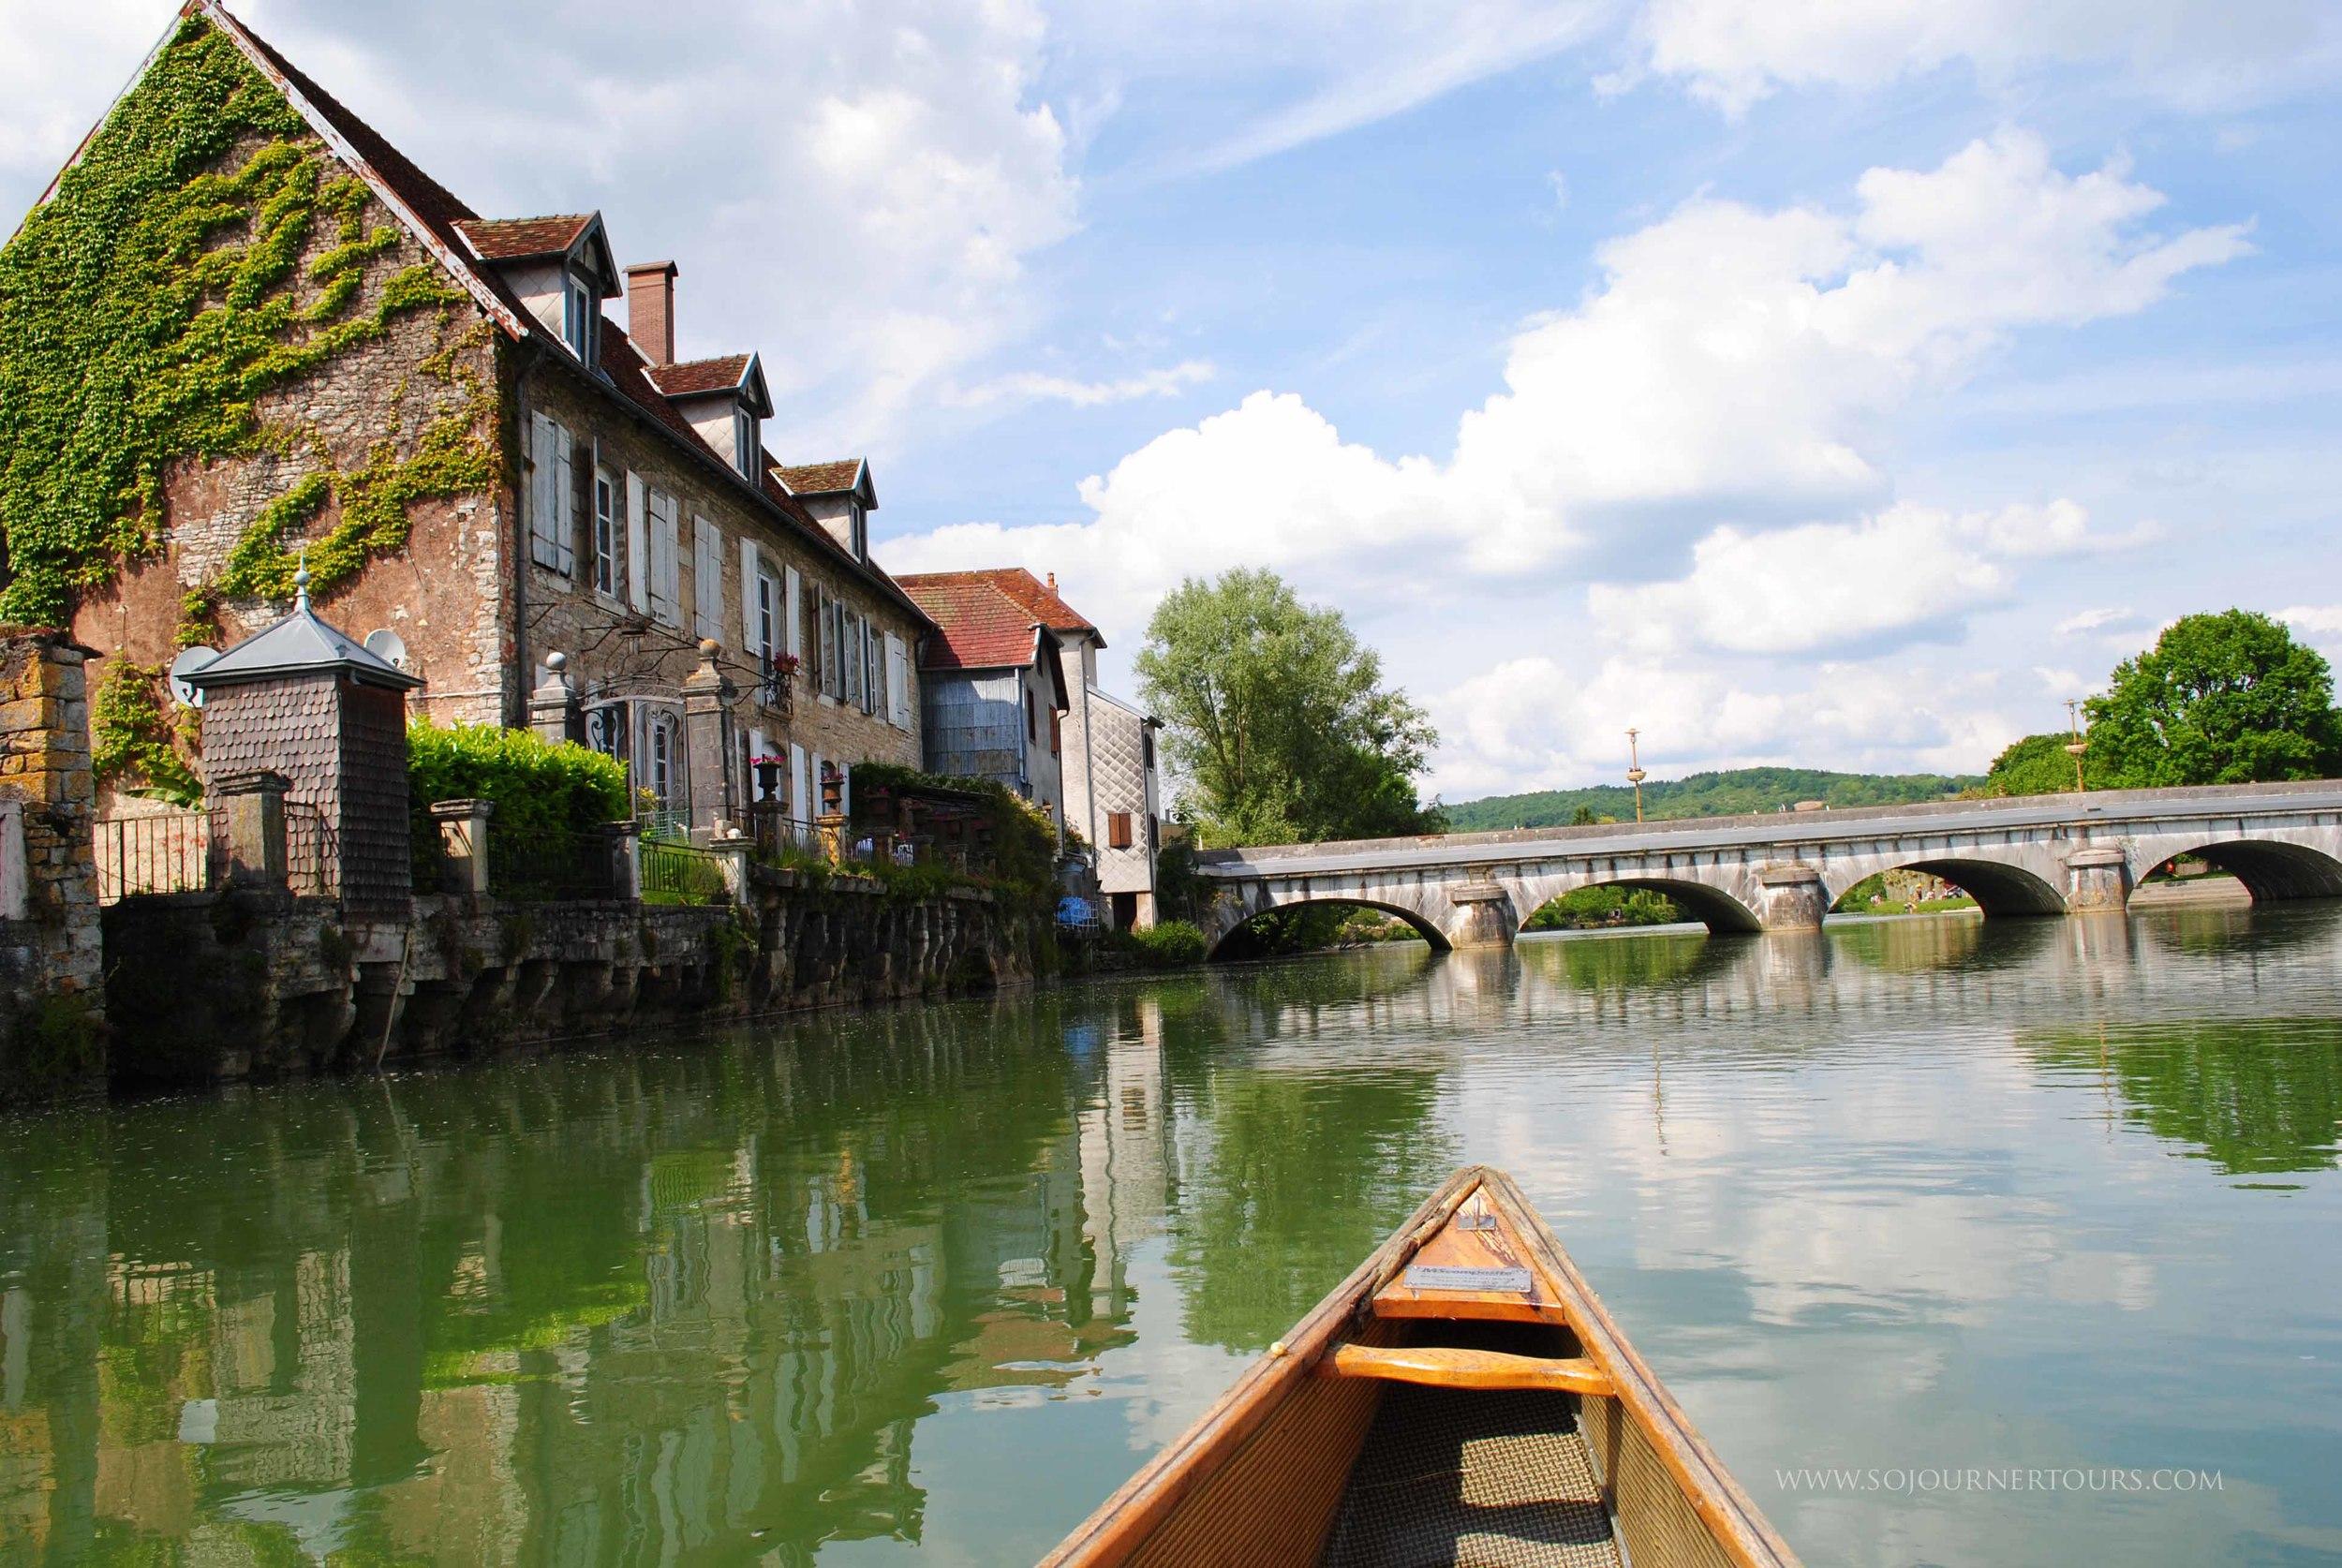 Loue River: Franche-Comté, France (Sojourner Tours